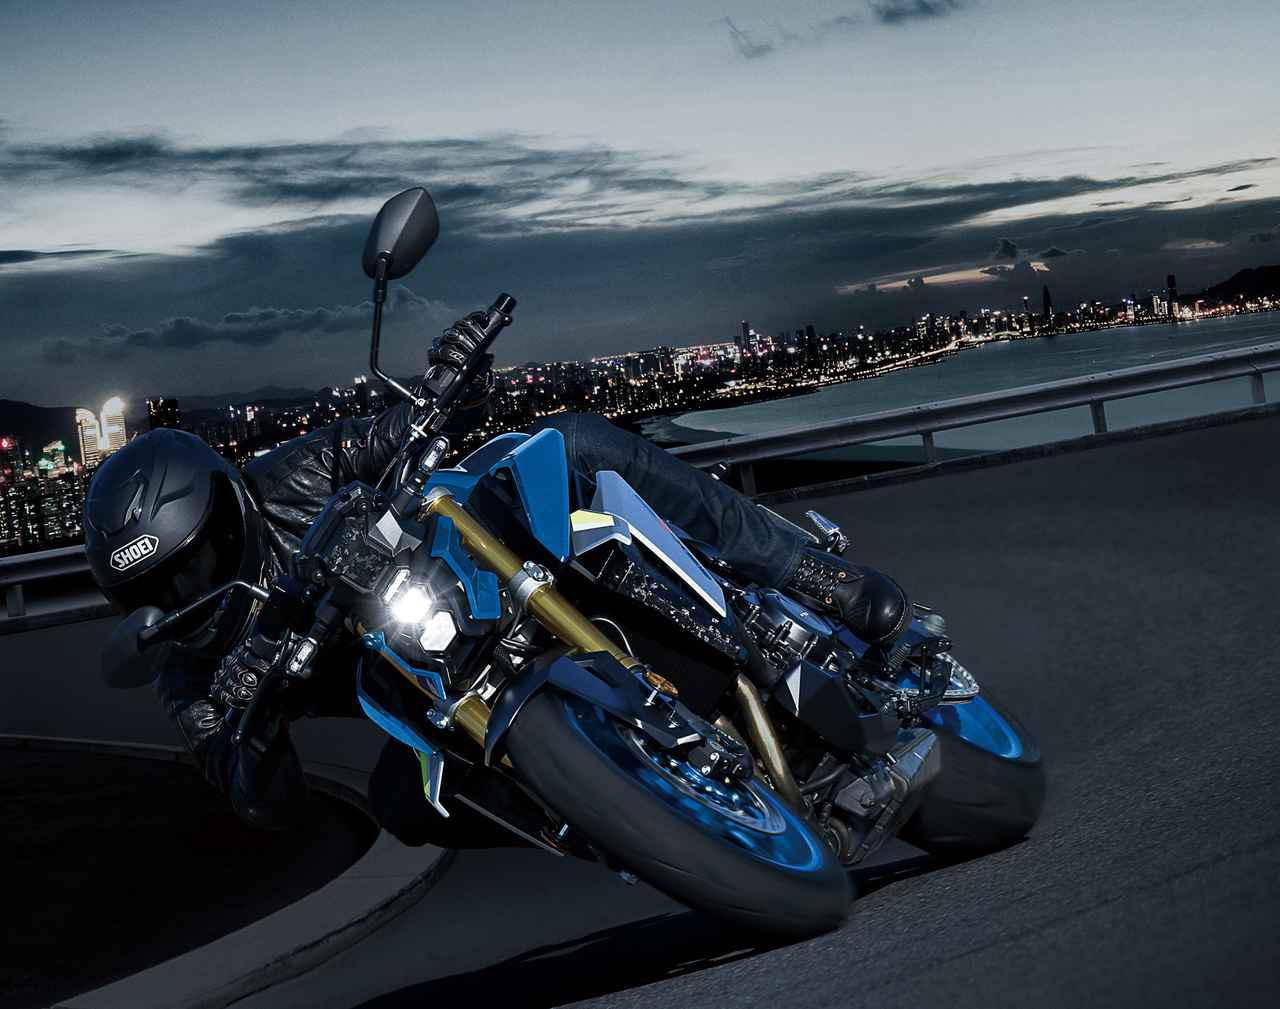 画像: スズキの伏兵。新型『GSX-S1000』はエンジンに注目! 最高出力152馬力へのパワーアップより注目したいのは? - スズキのバイク!